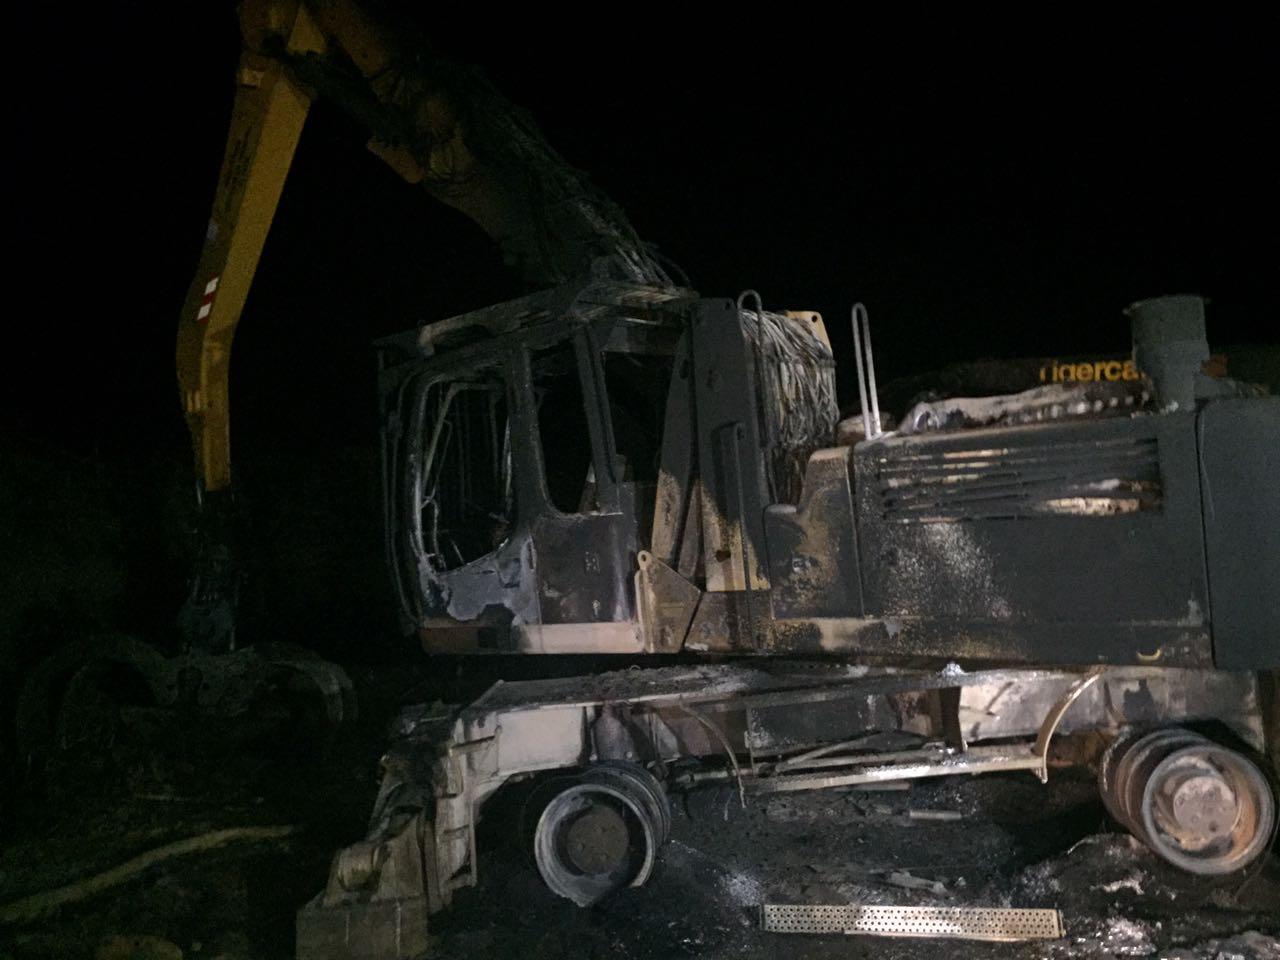 Encapuchados quemaron maquinaria forestal en ruta que une Victoria y Curacautín